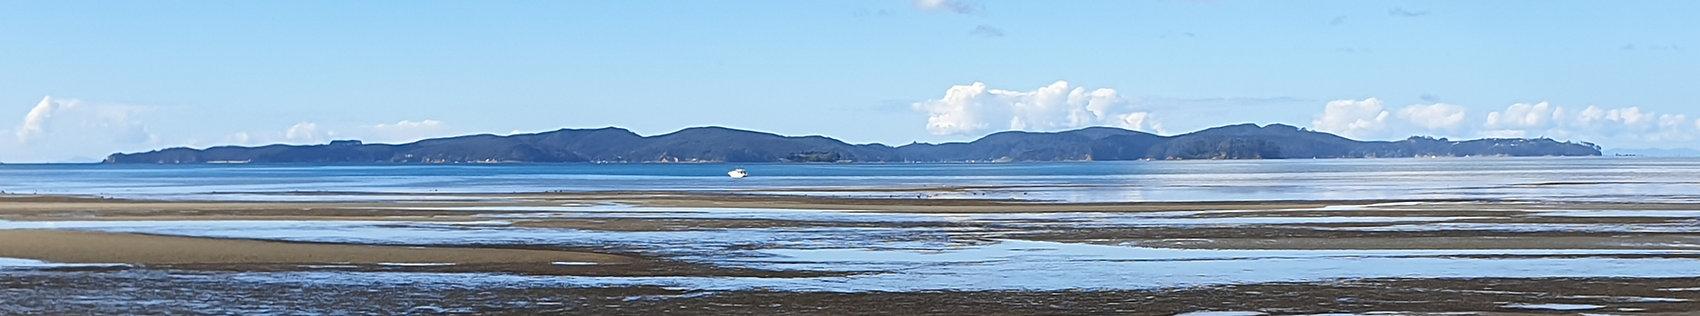 Kawau Island, Rodney, New Zealand